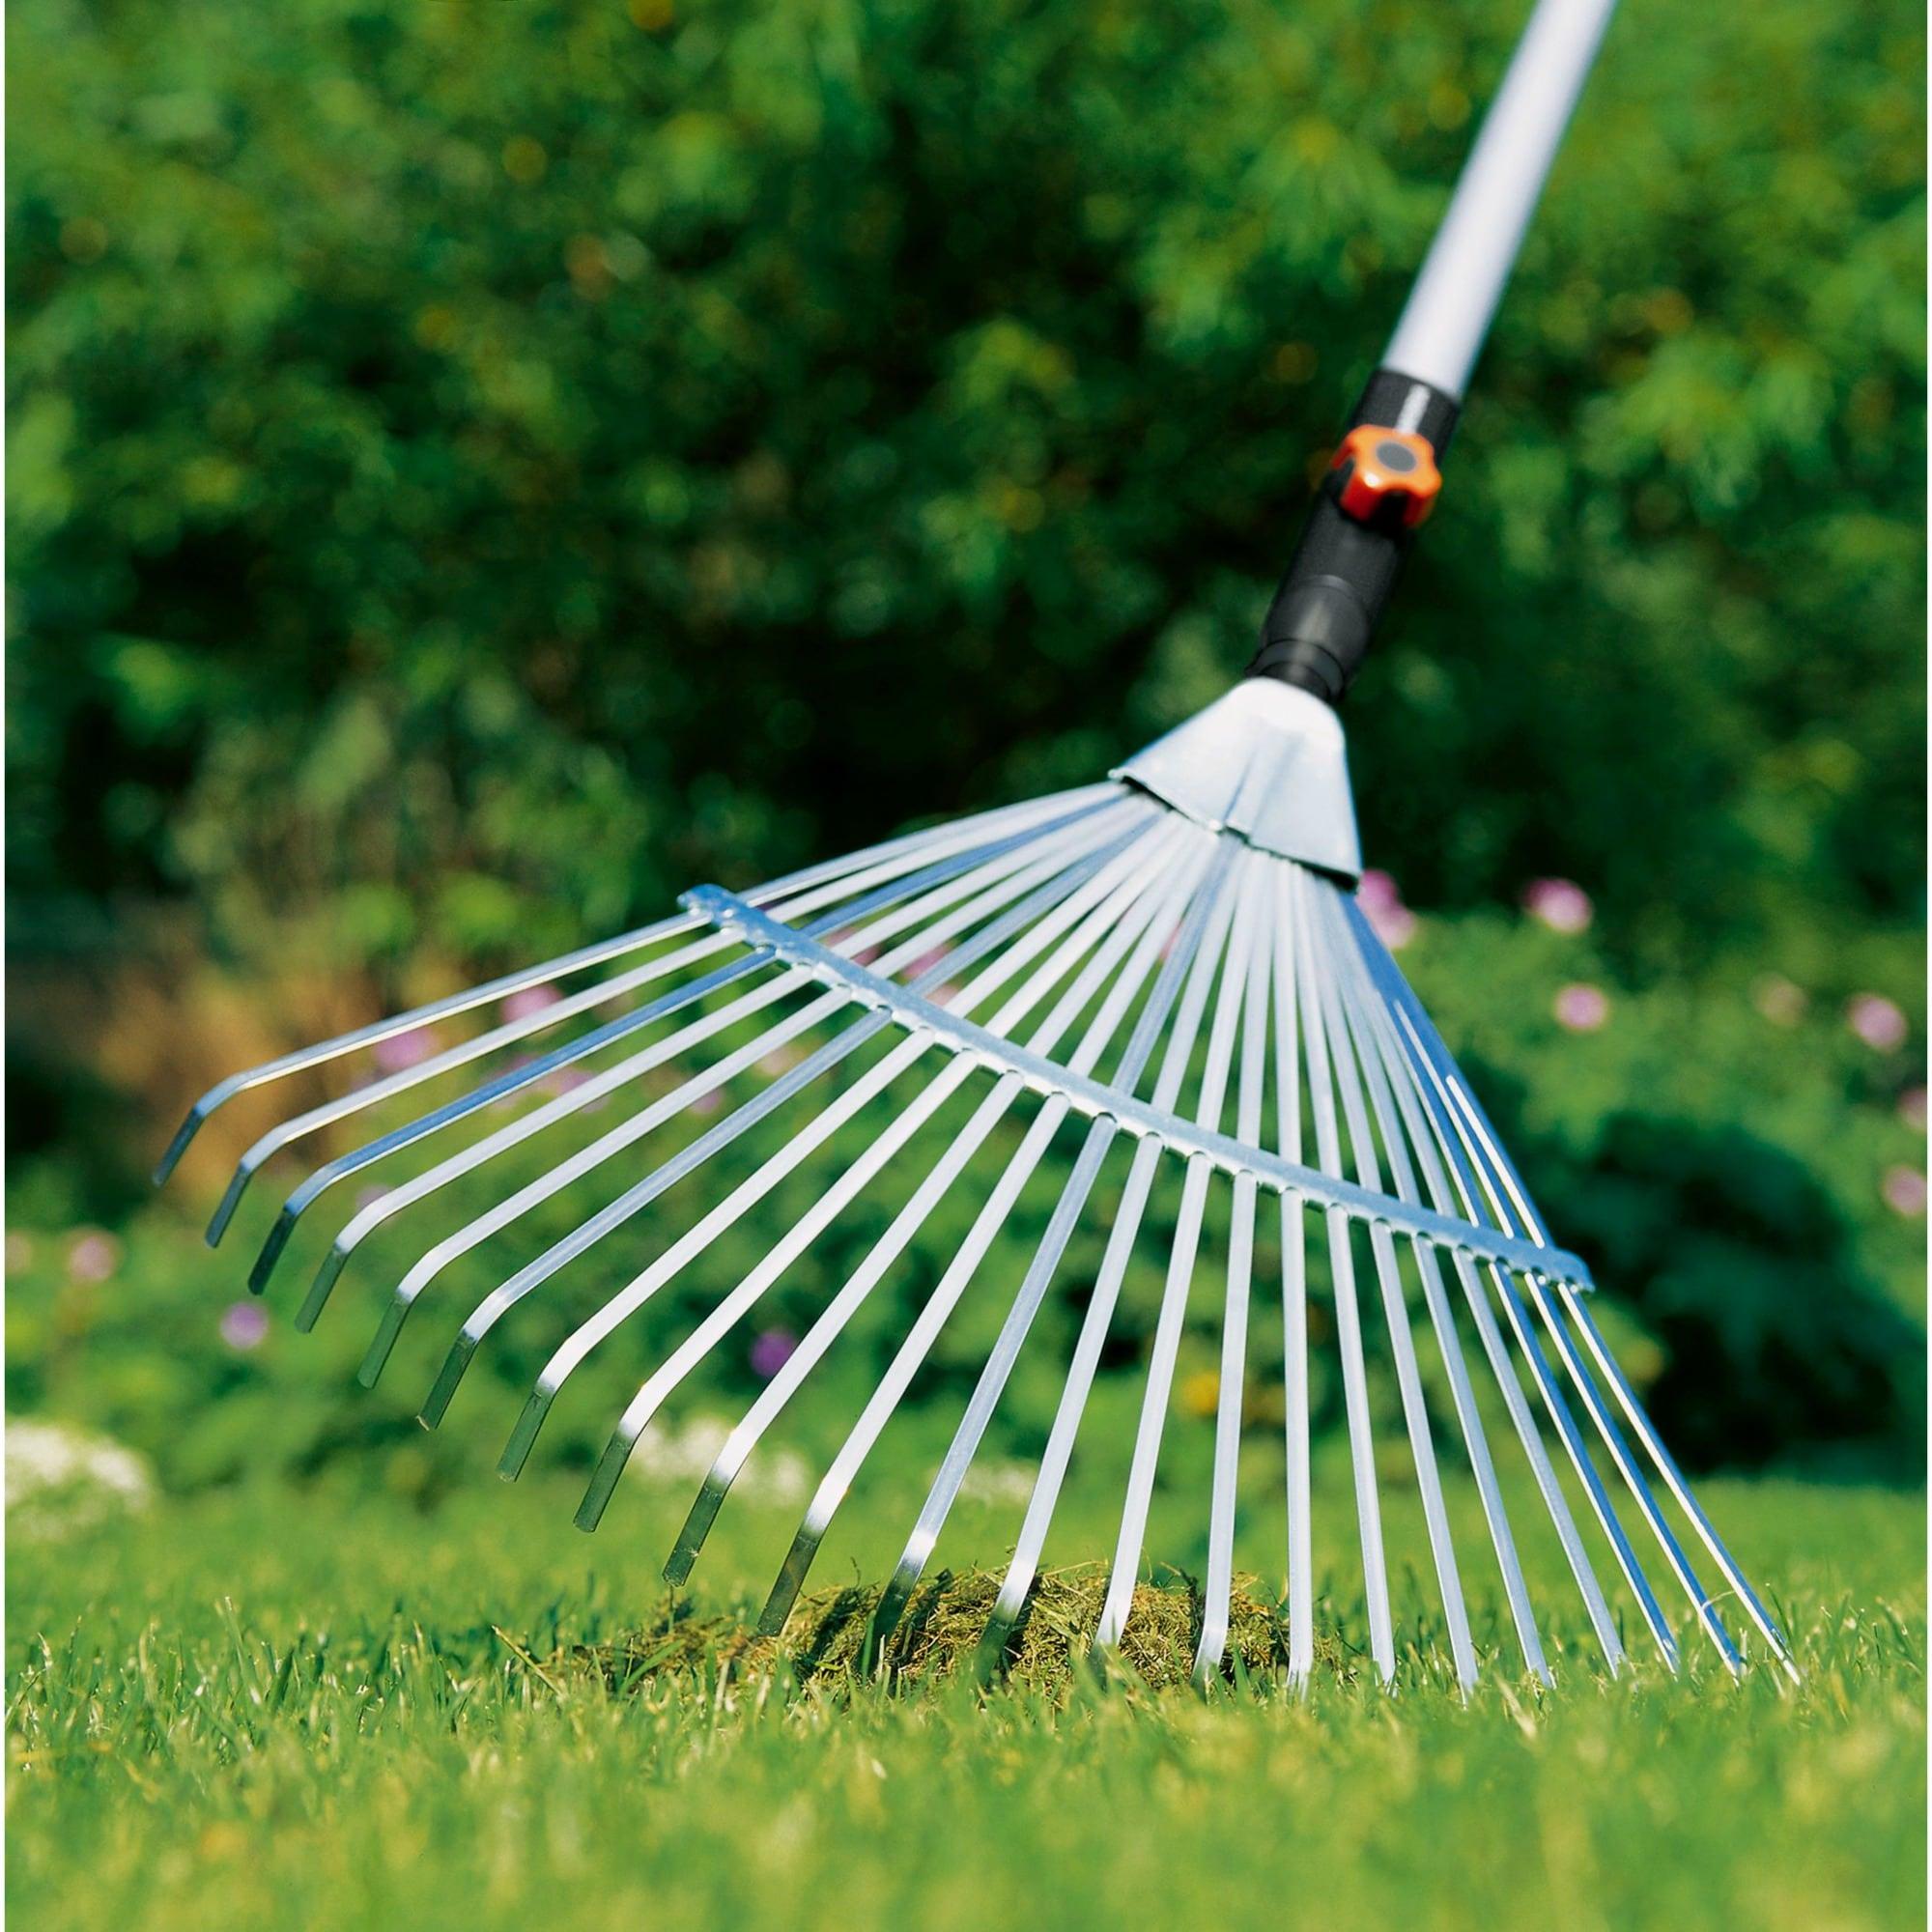 Gardena Rechen Combisystem-Fächerbesen 50cm